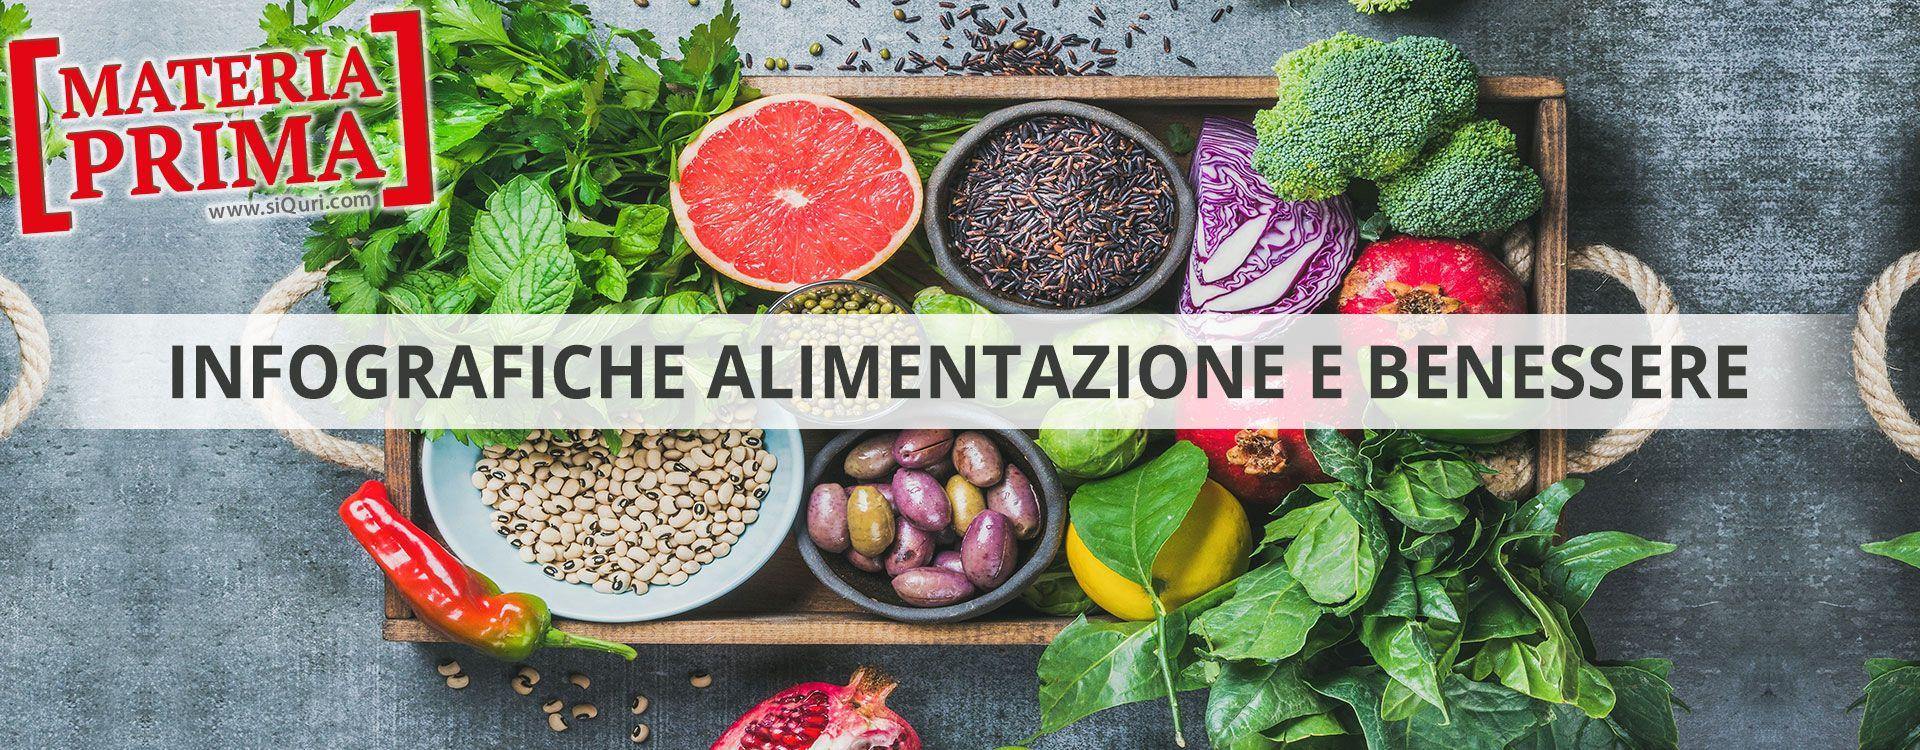 Scarica Le Migliori Infografiche Di Alimentazione Salute E Benessere